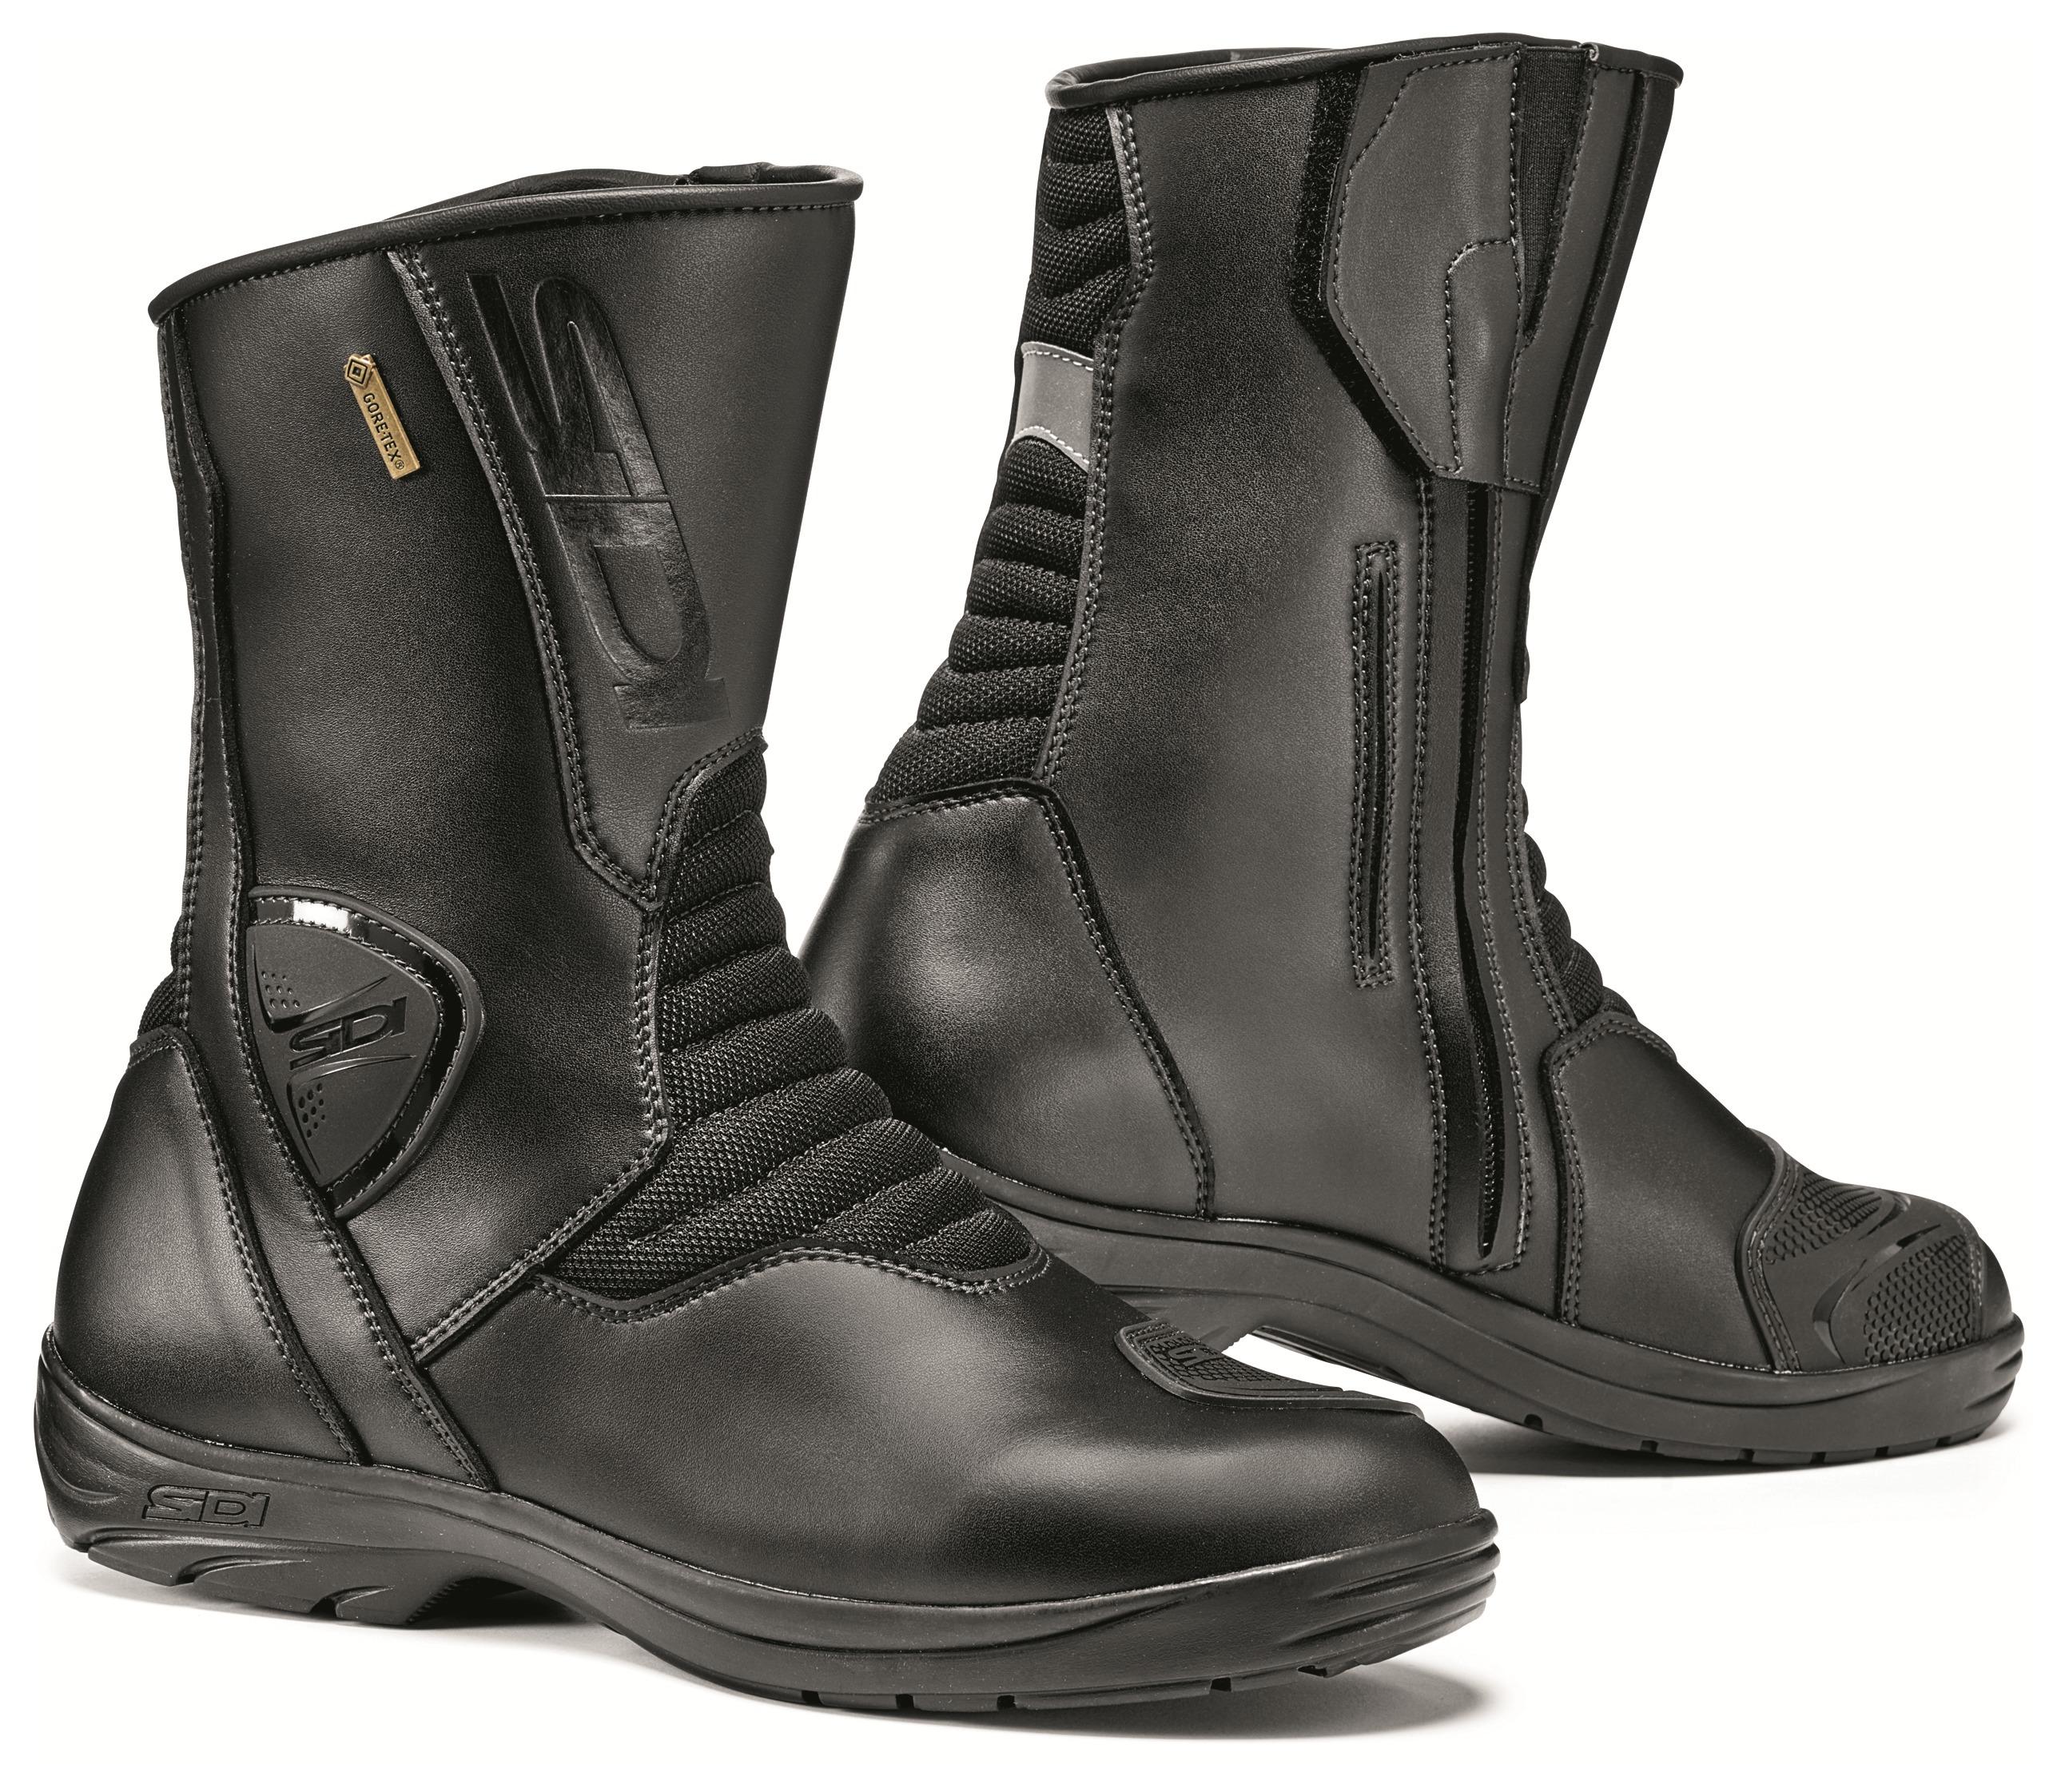 SIDI Gavia GTX Boots